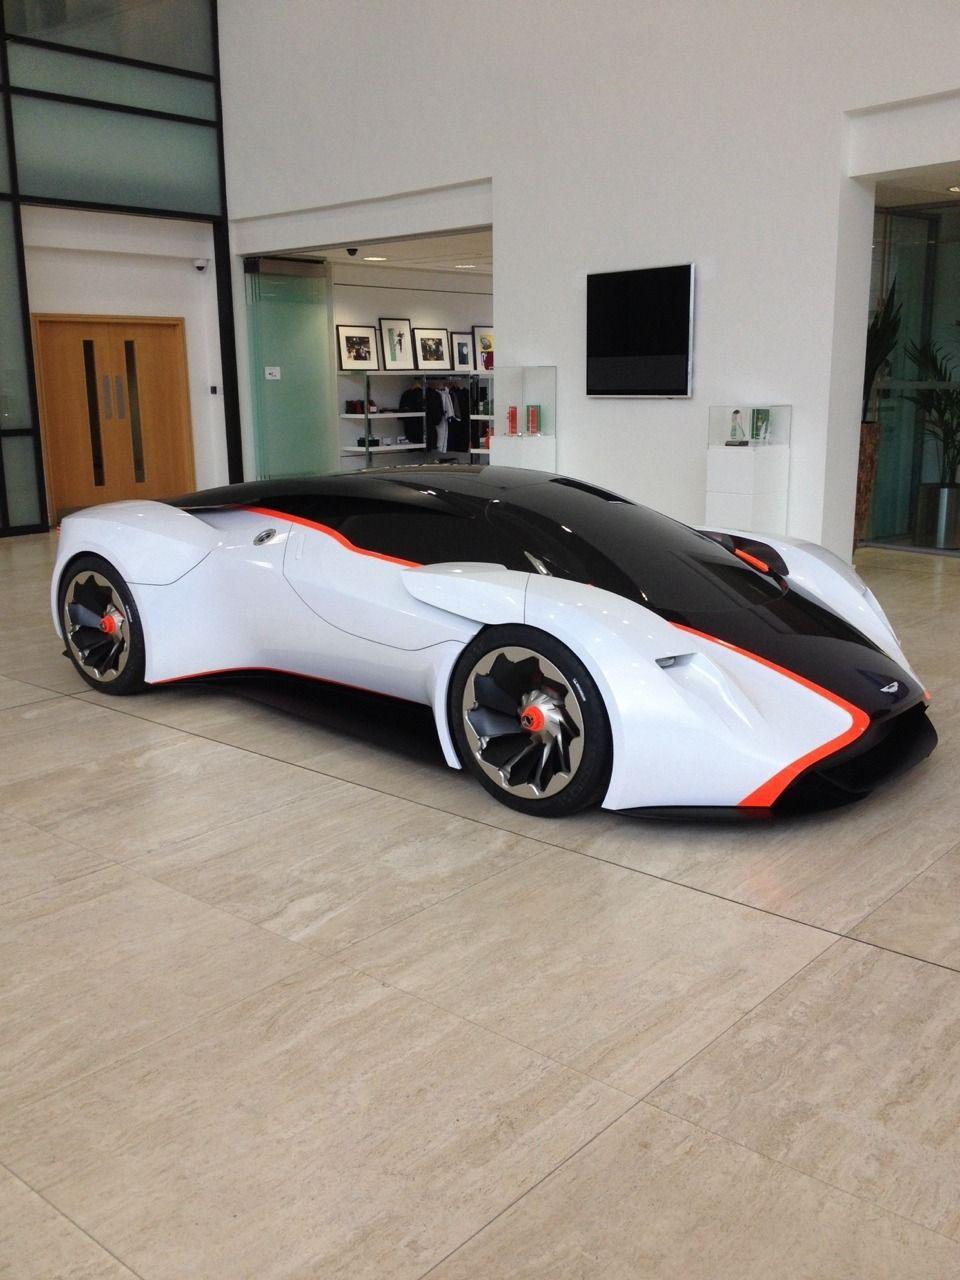 Aston Martin Dp 100 Repin By At Social Media Marketing